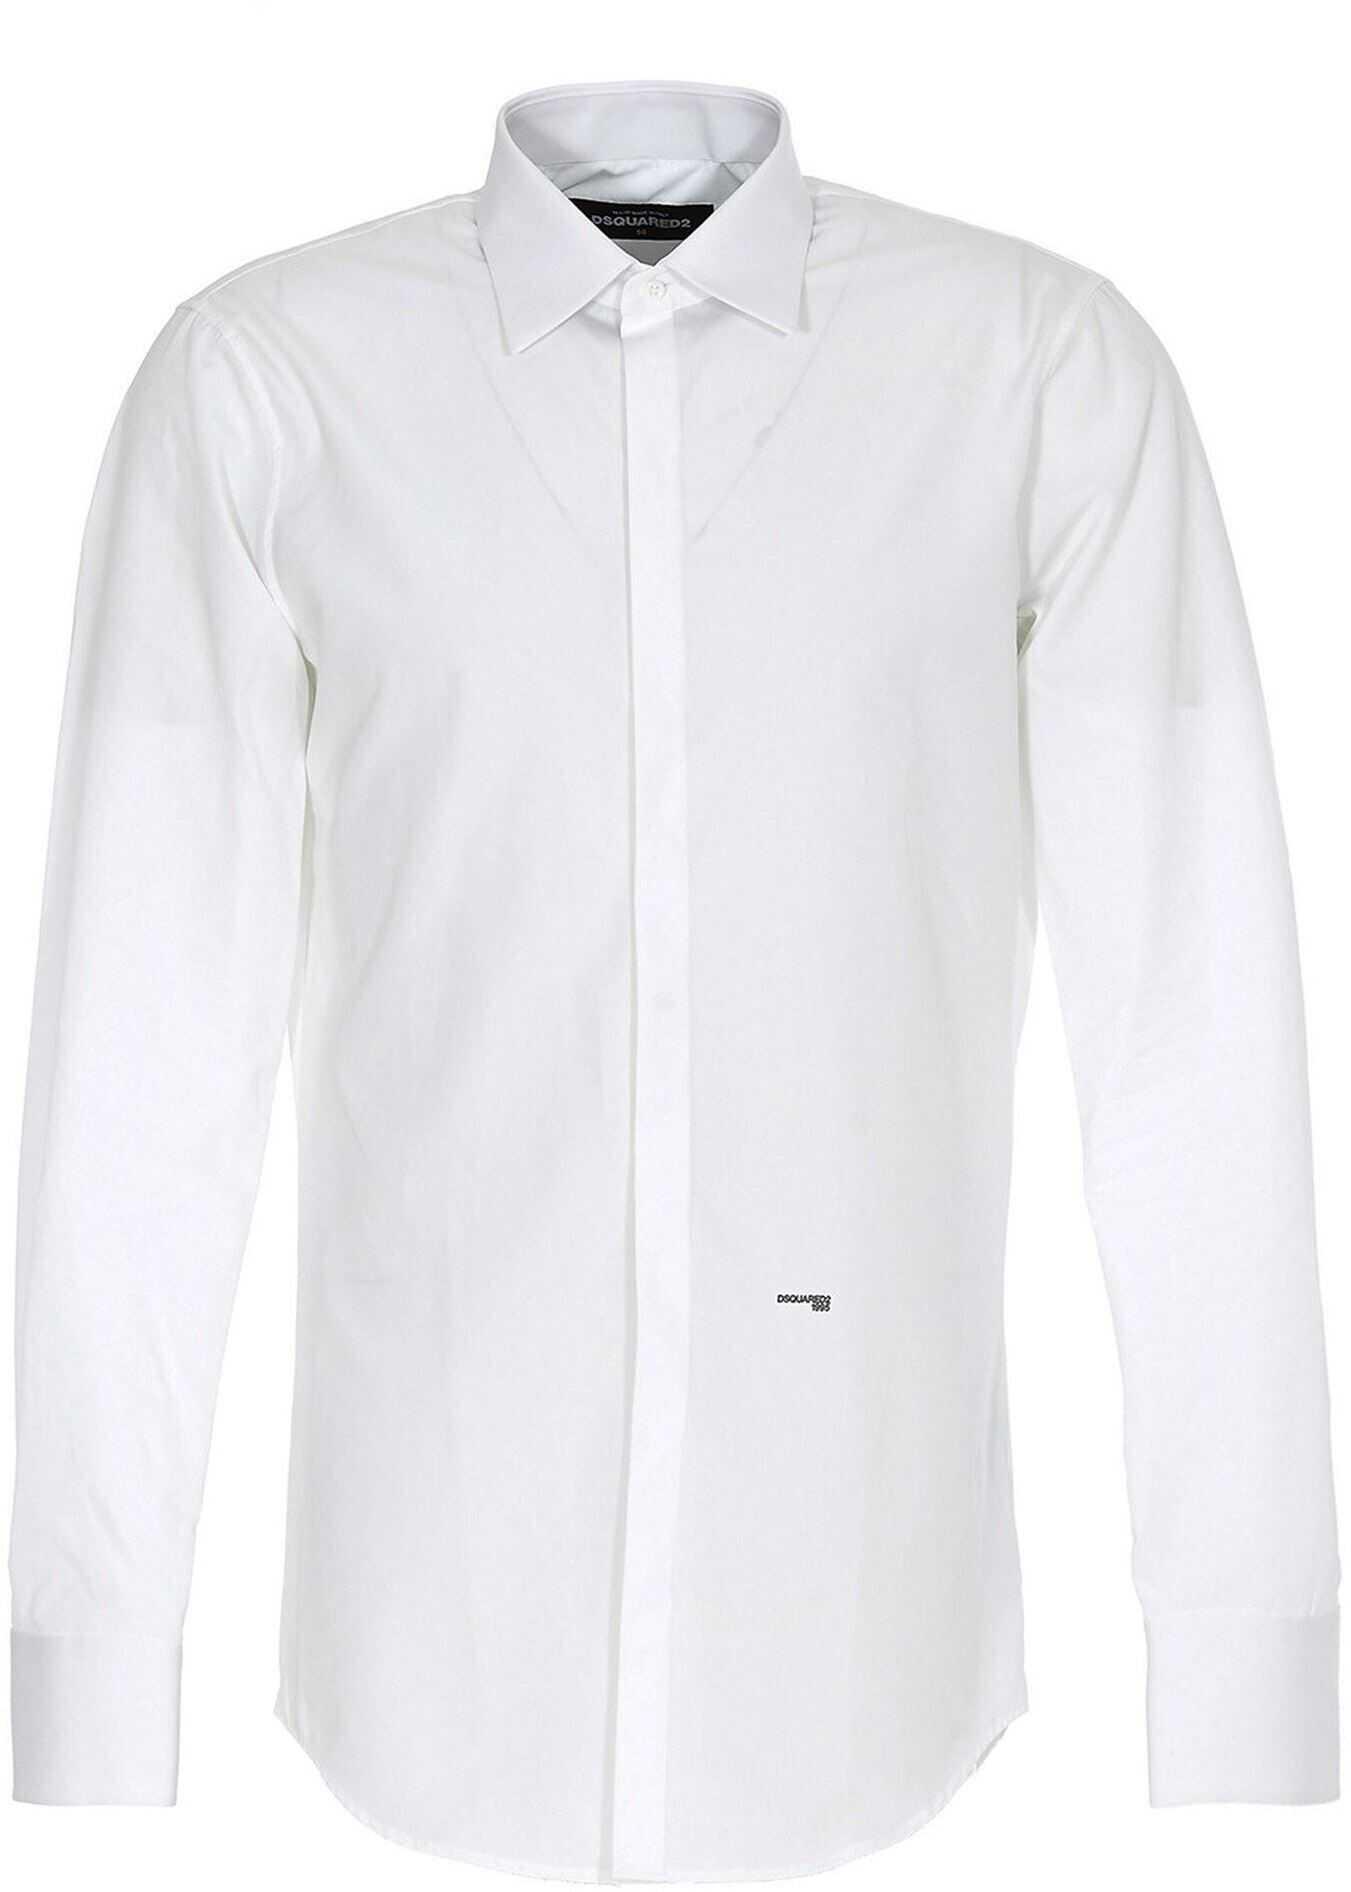 DSQUARED2 Logo Shirt In White White imagine